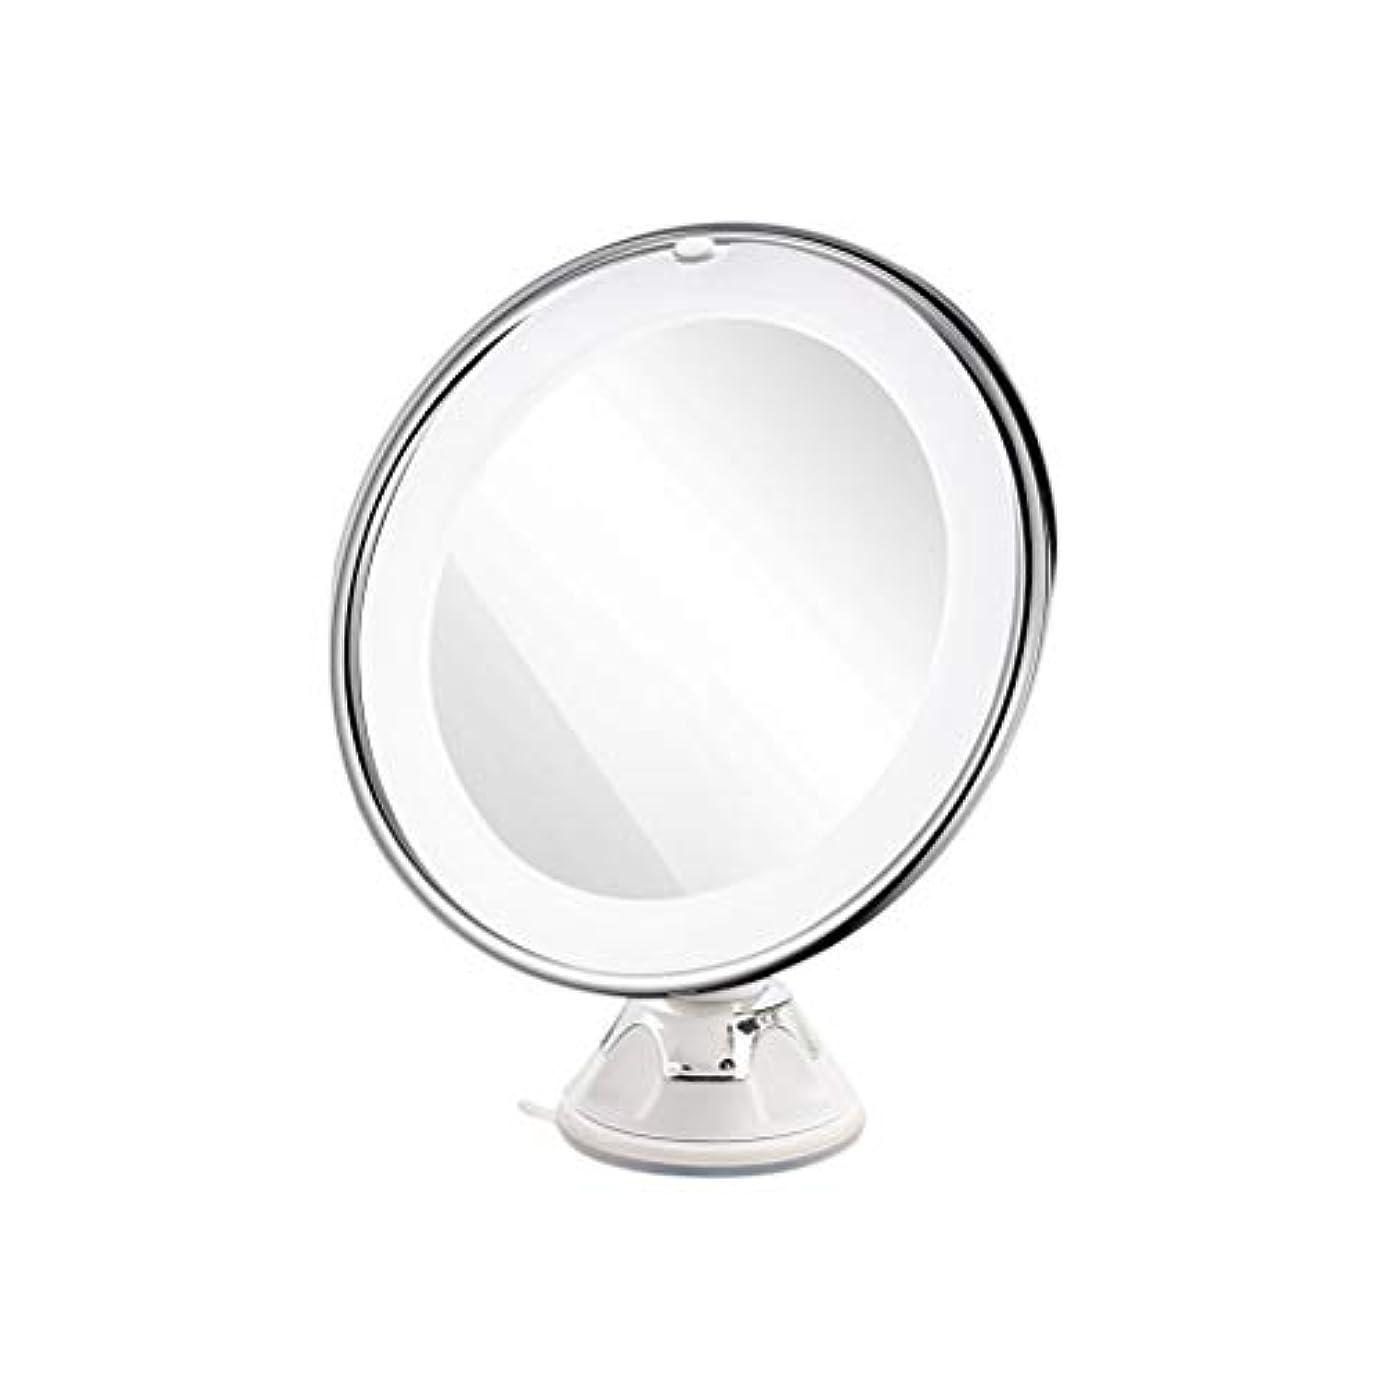 階ポンペイプリーツFrcolor 化粧鏡 LED 7倍拡大鏡 浴室鏡 卓上ミラー 吸盤ロック付き スタンド/壁掛け両用 360度回転 スタンドミラー(ホワイト)